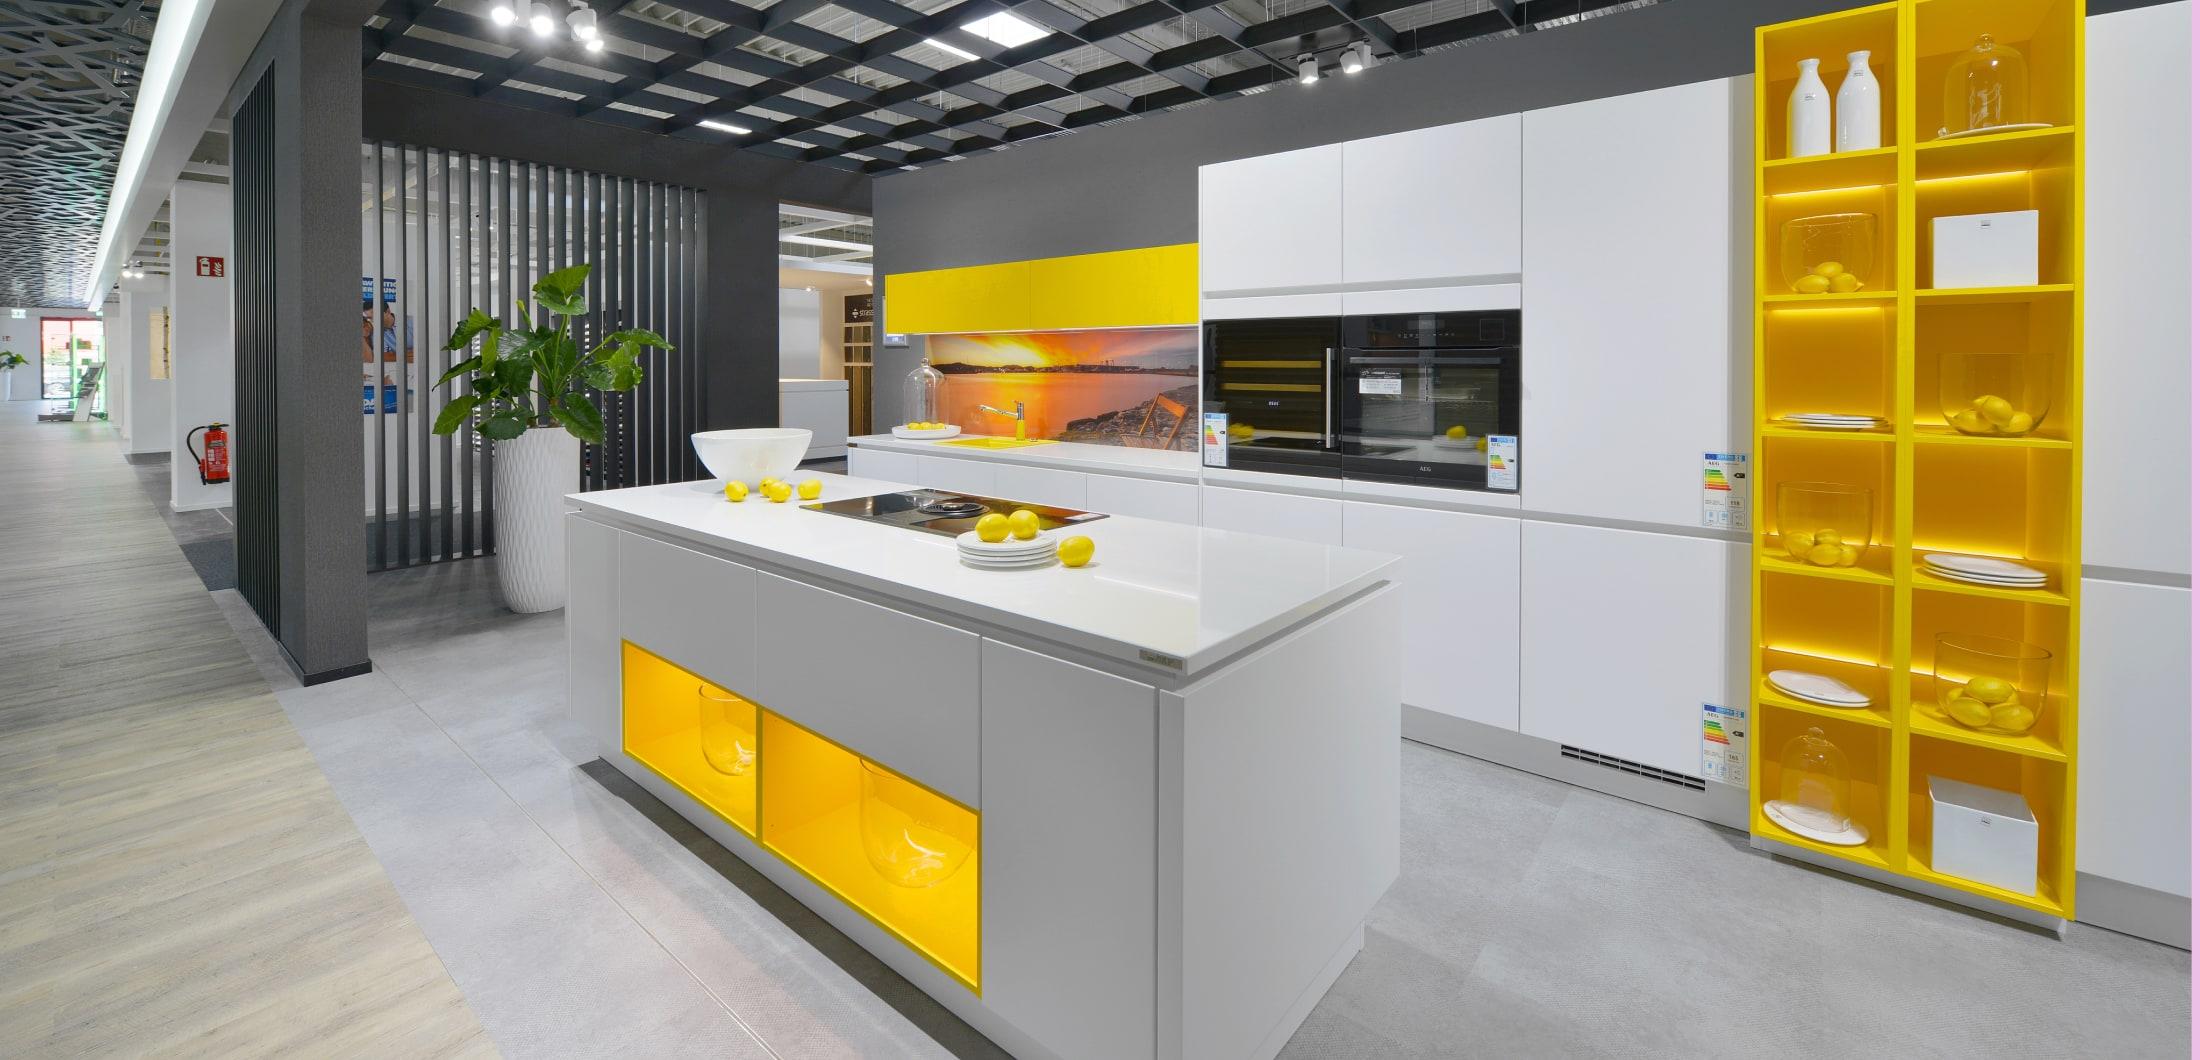 Hochwertige Designküche mit moderner Beleuchtung